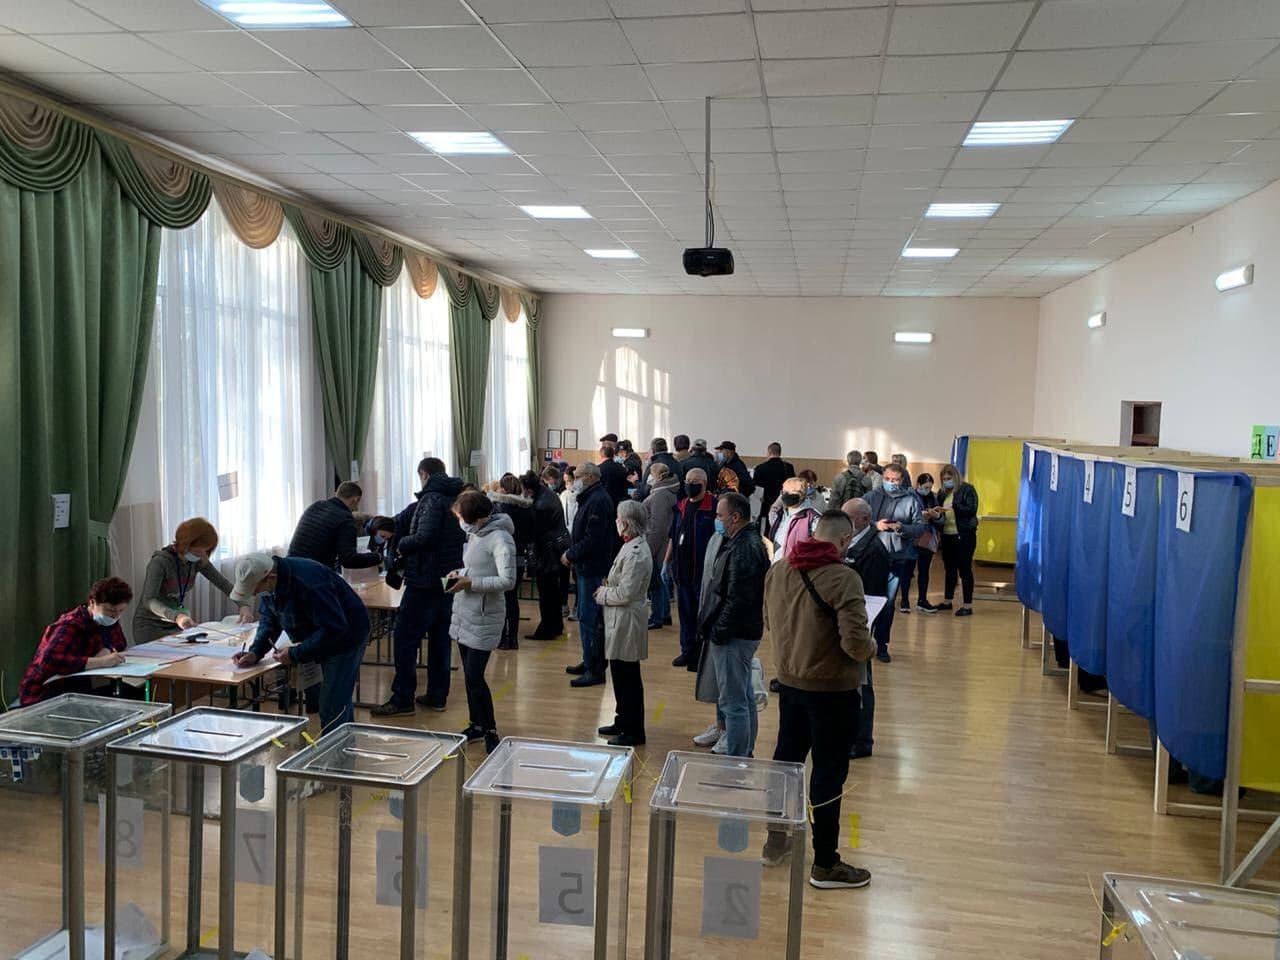 Як голосують жителі Ірпеня? -  - photo 2020 10 25 10 55 38